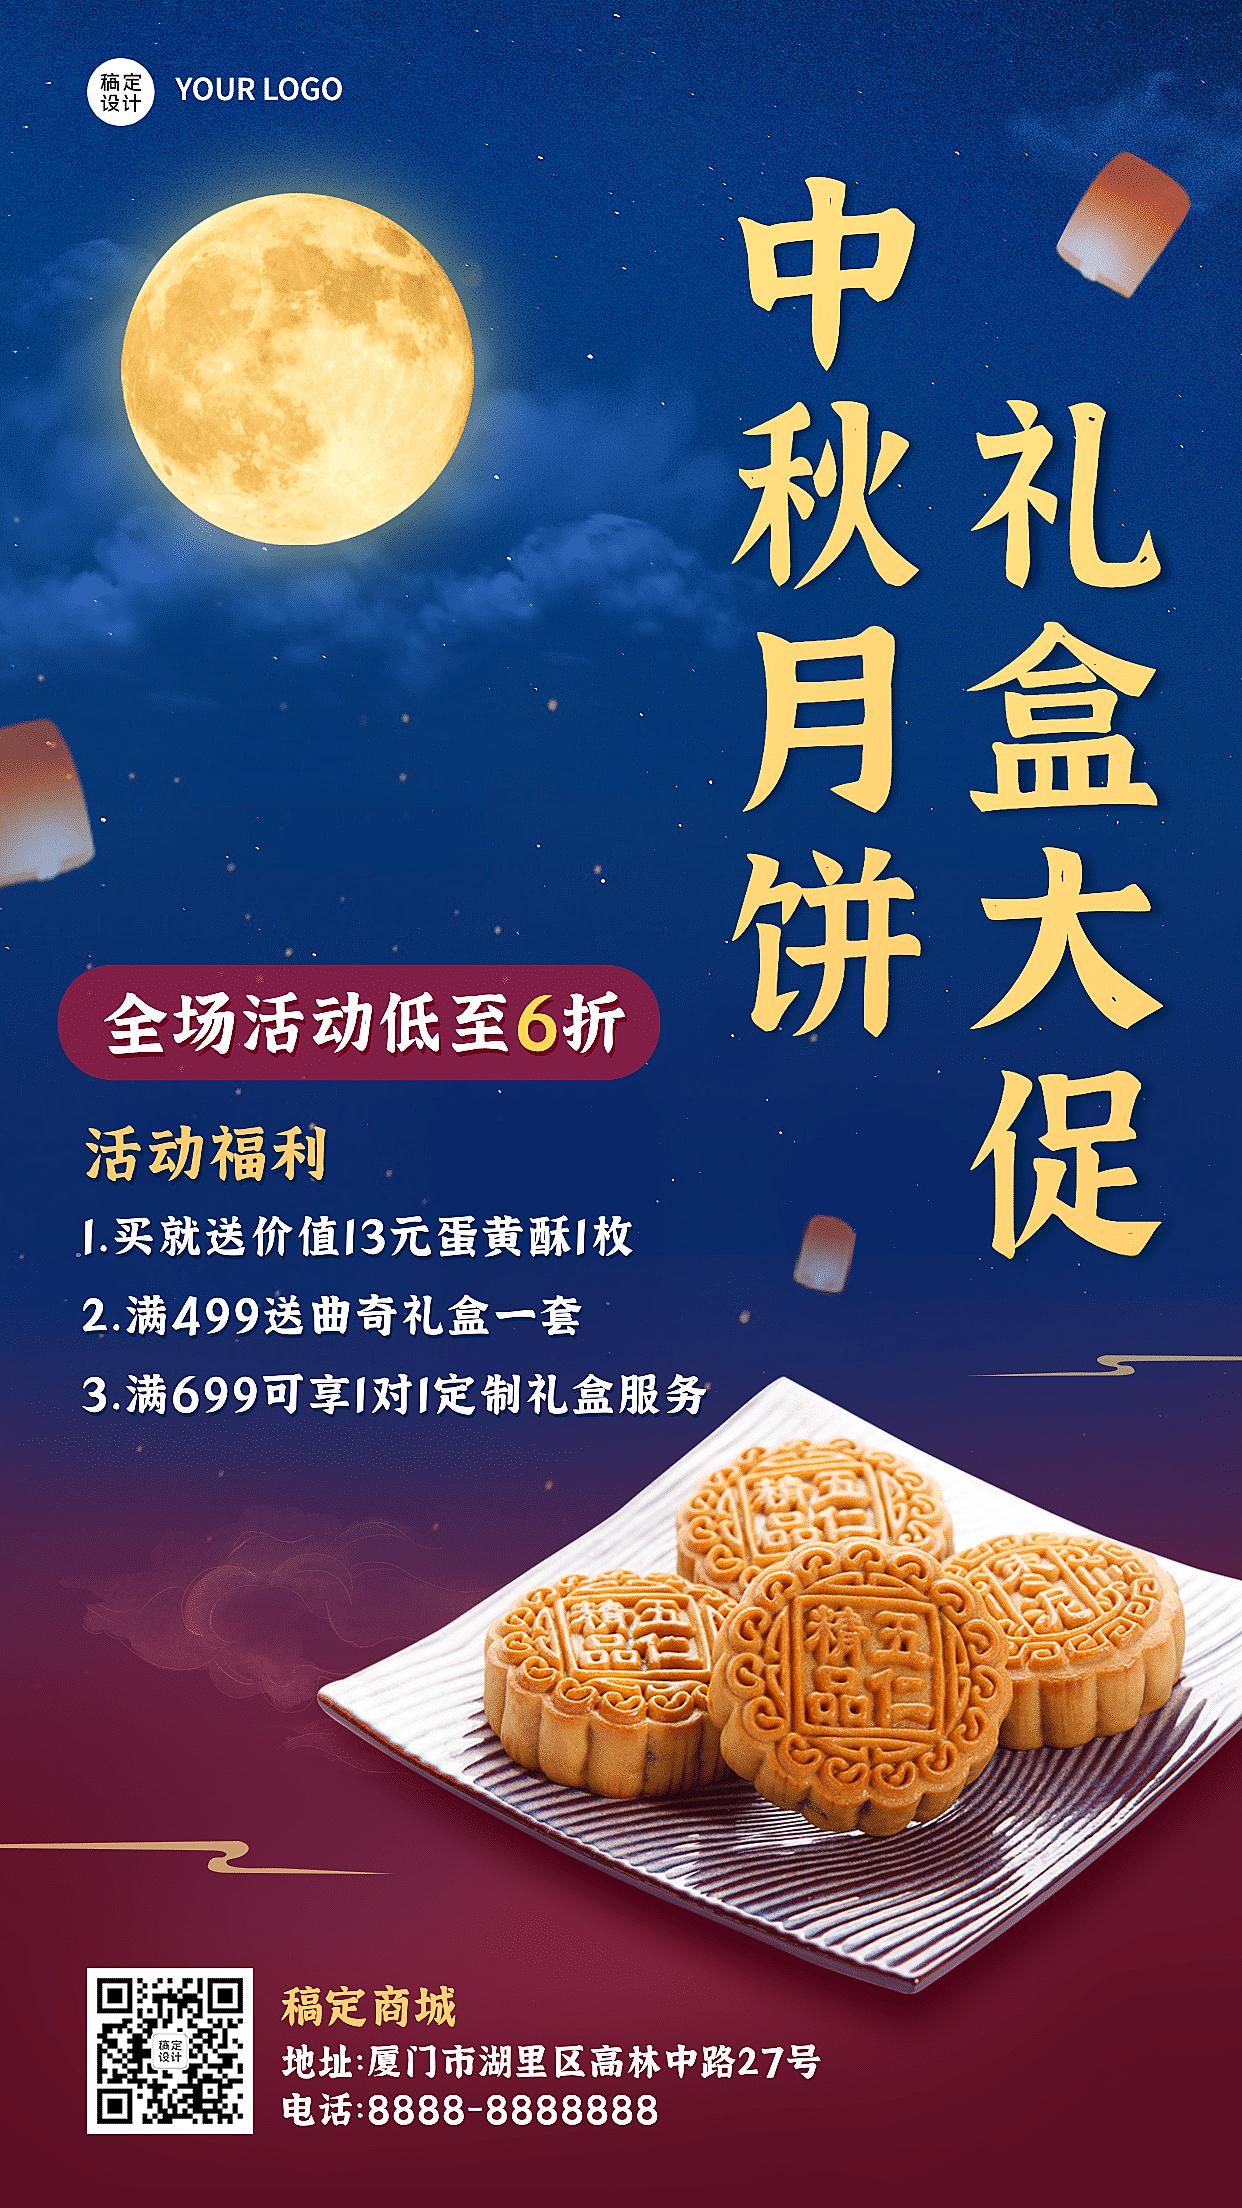 中秋促销月饼活动手机海报